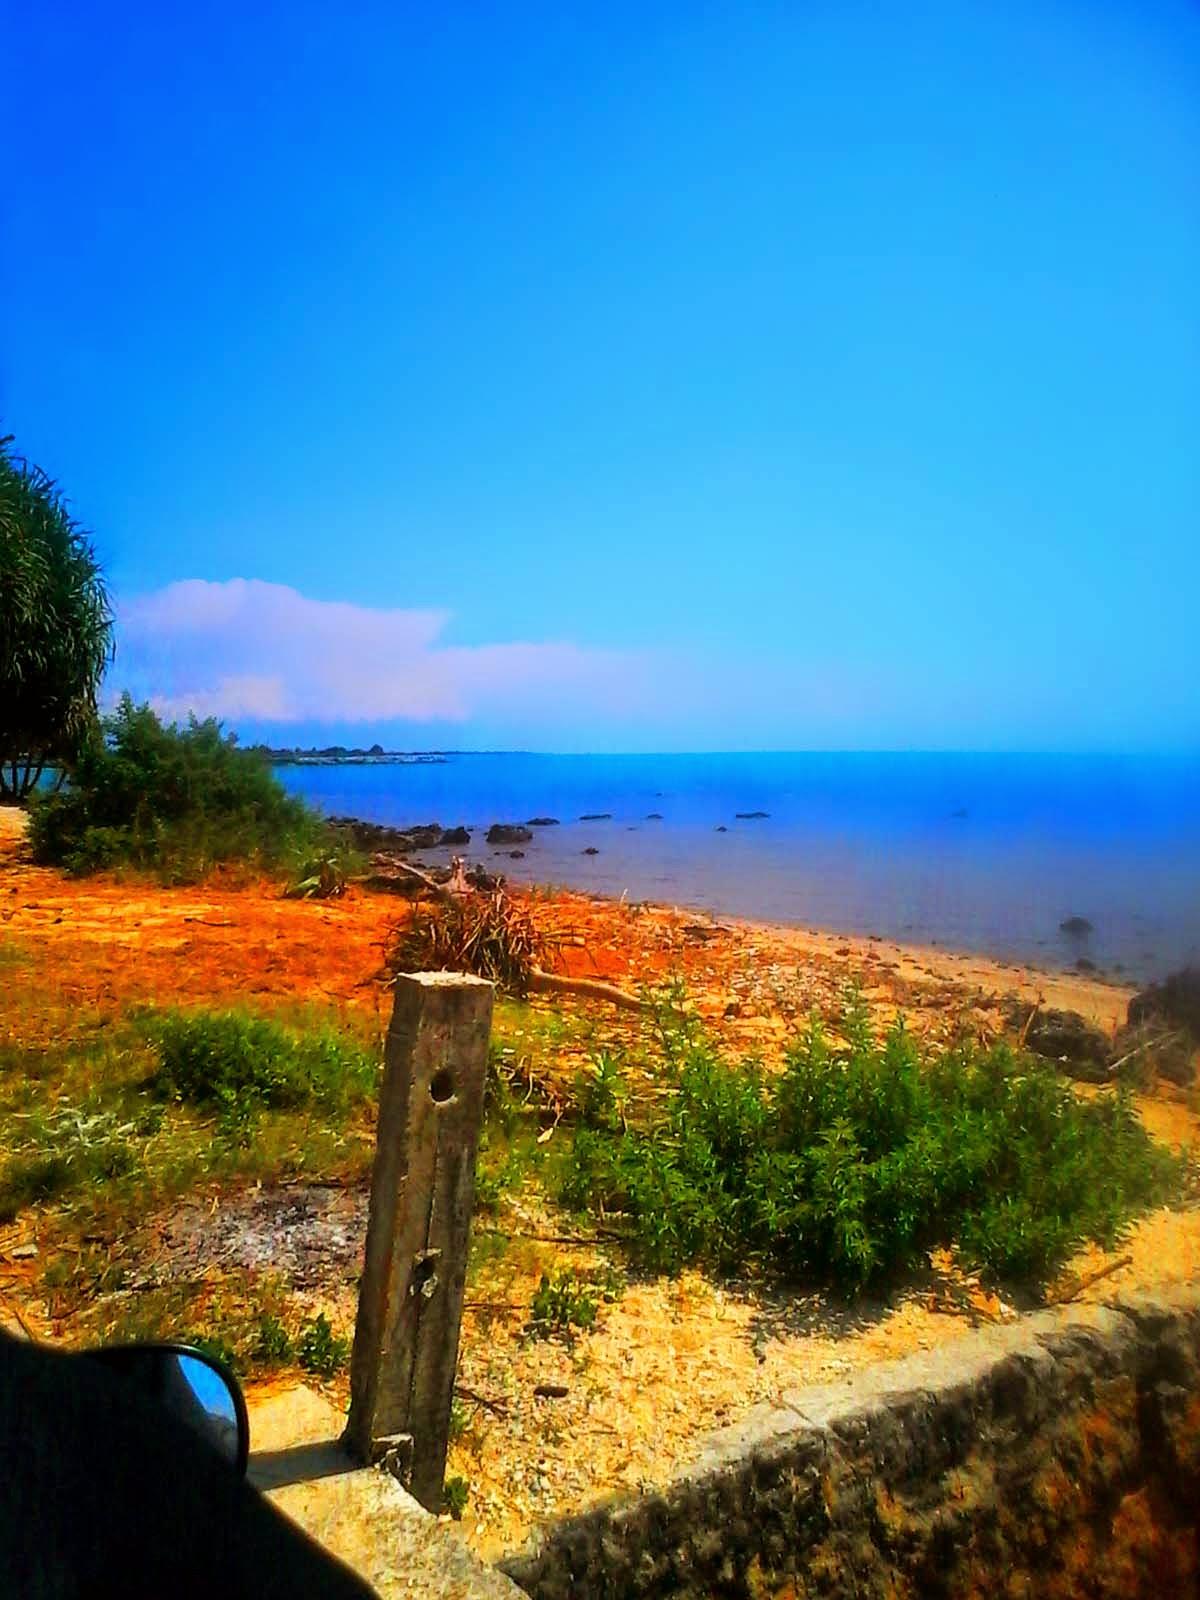 Pantai Empu rancak Jepara